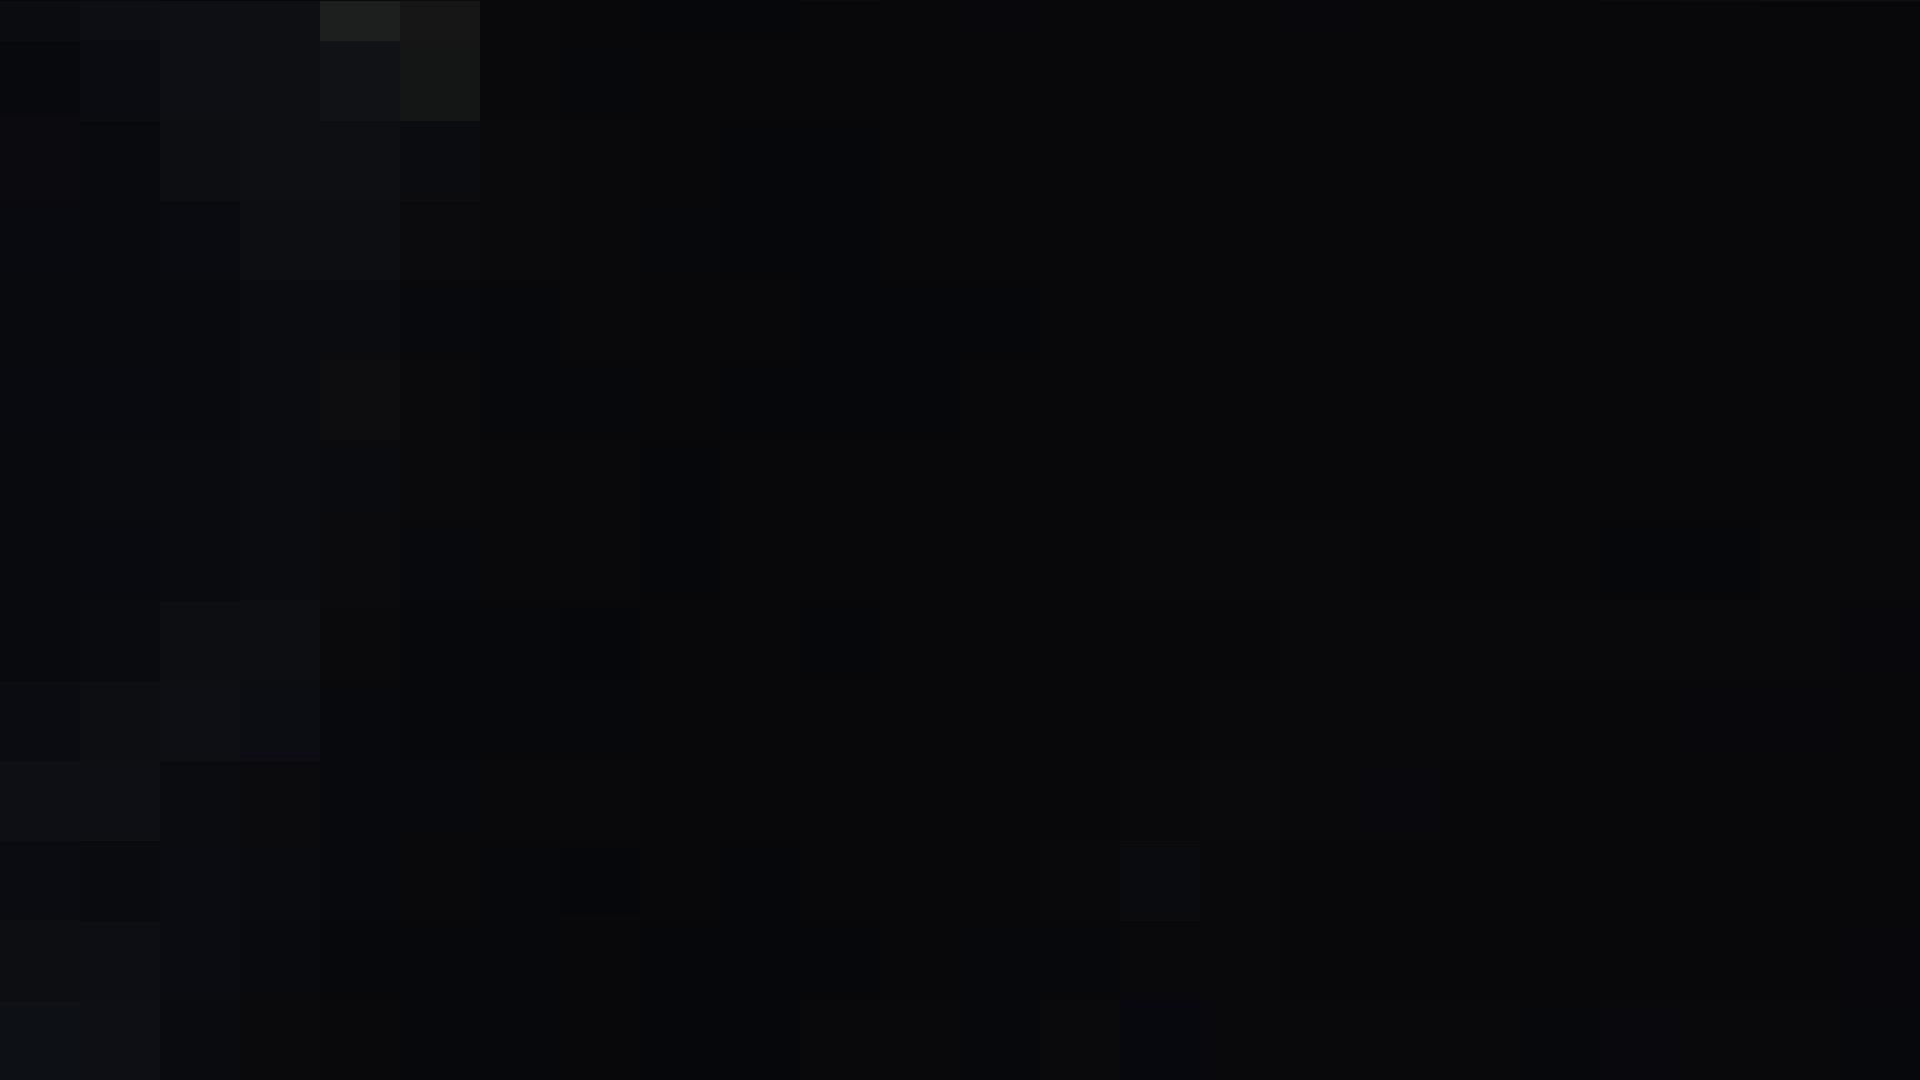 世界の射窓から vol.37 ギャル達 オメコ動画キャプチャ 101枚 14